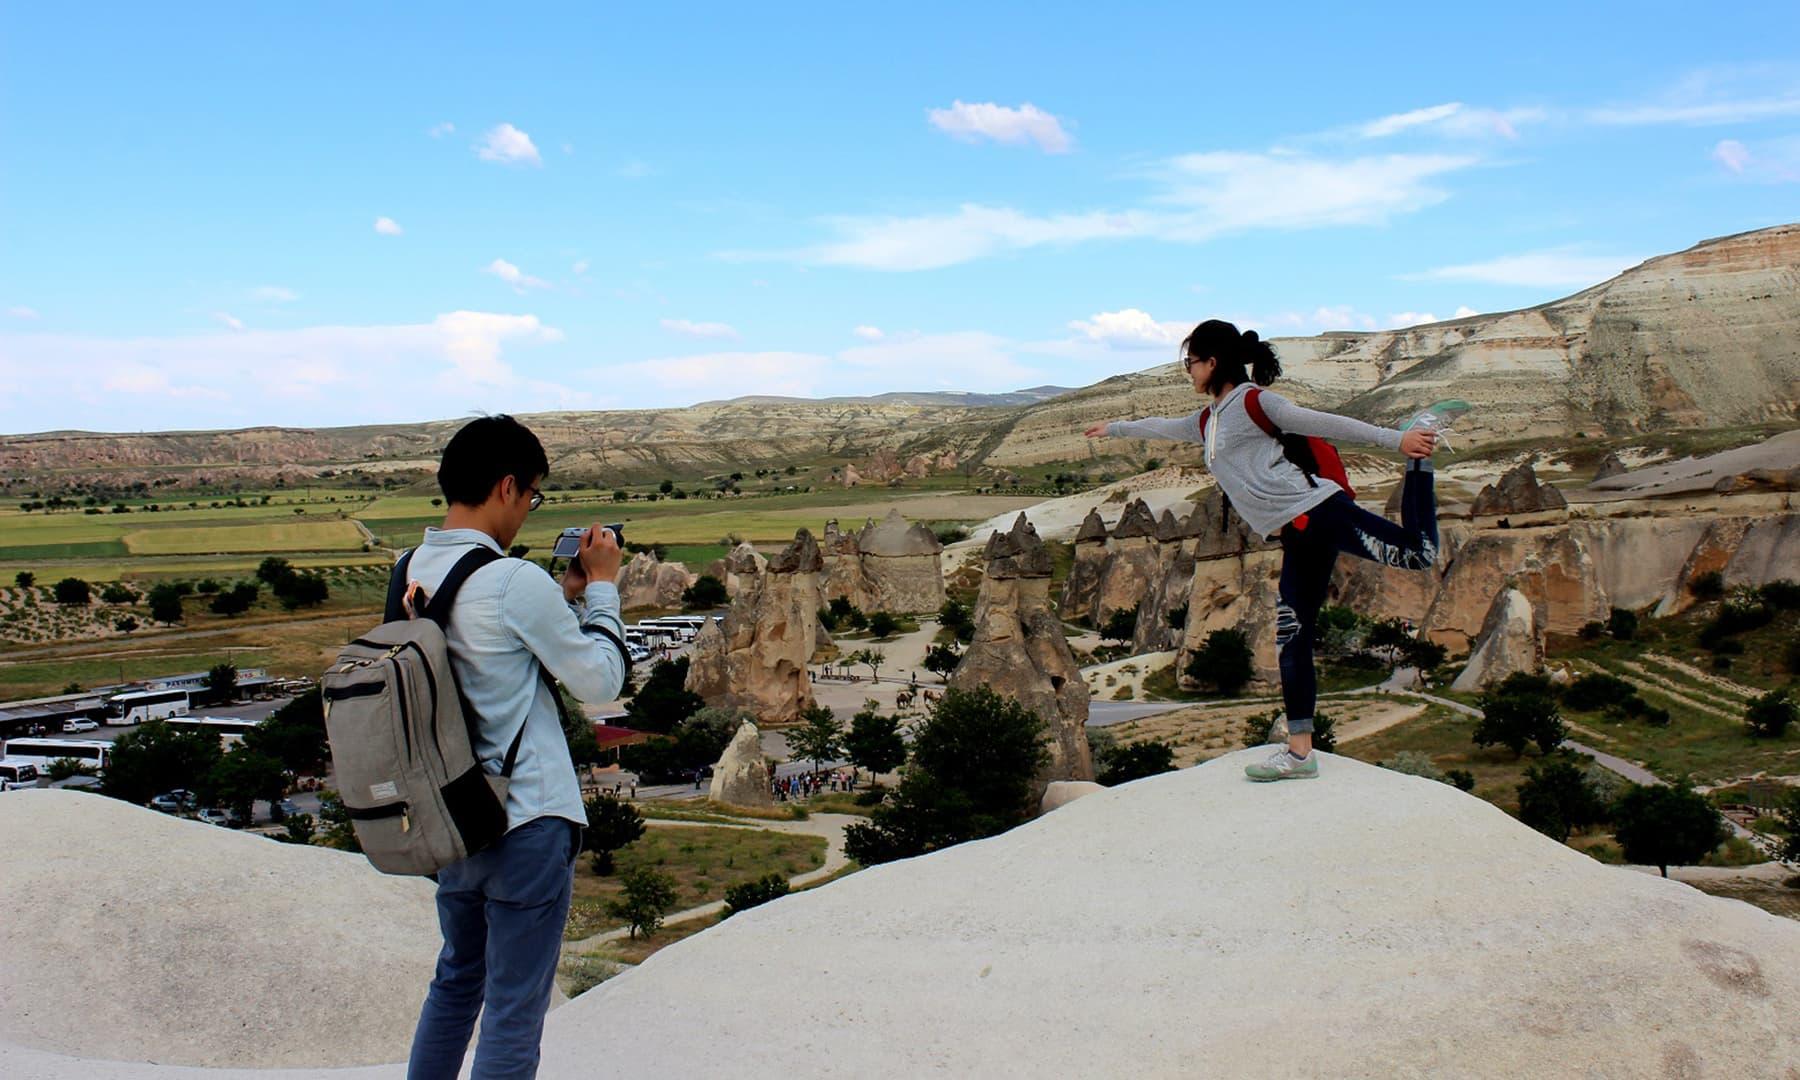 Tourists enjoying the backdrop.